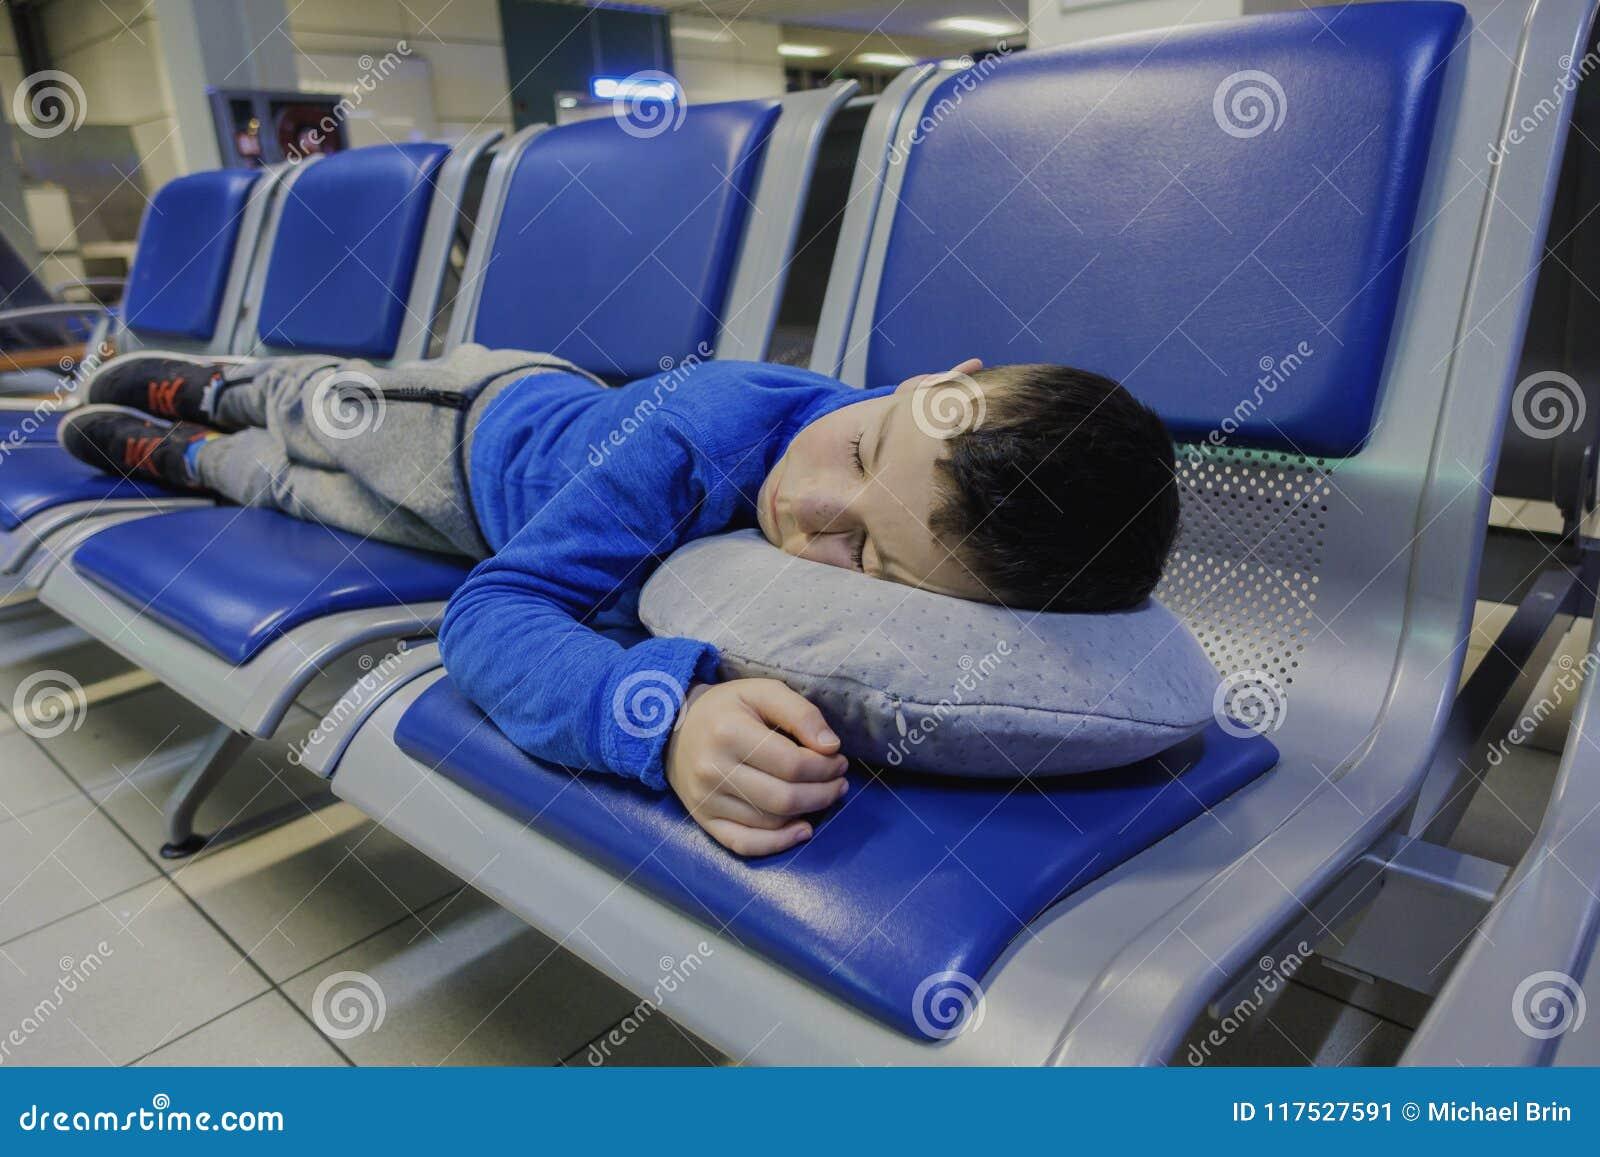 Niño pequeño cansado que duerme en silla mientras que espera vuelo en el aeropuerto